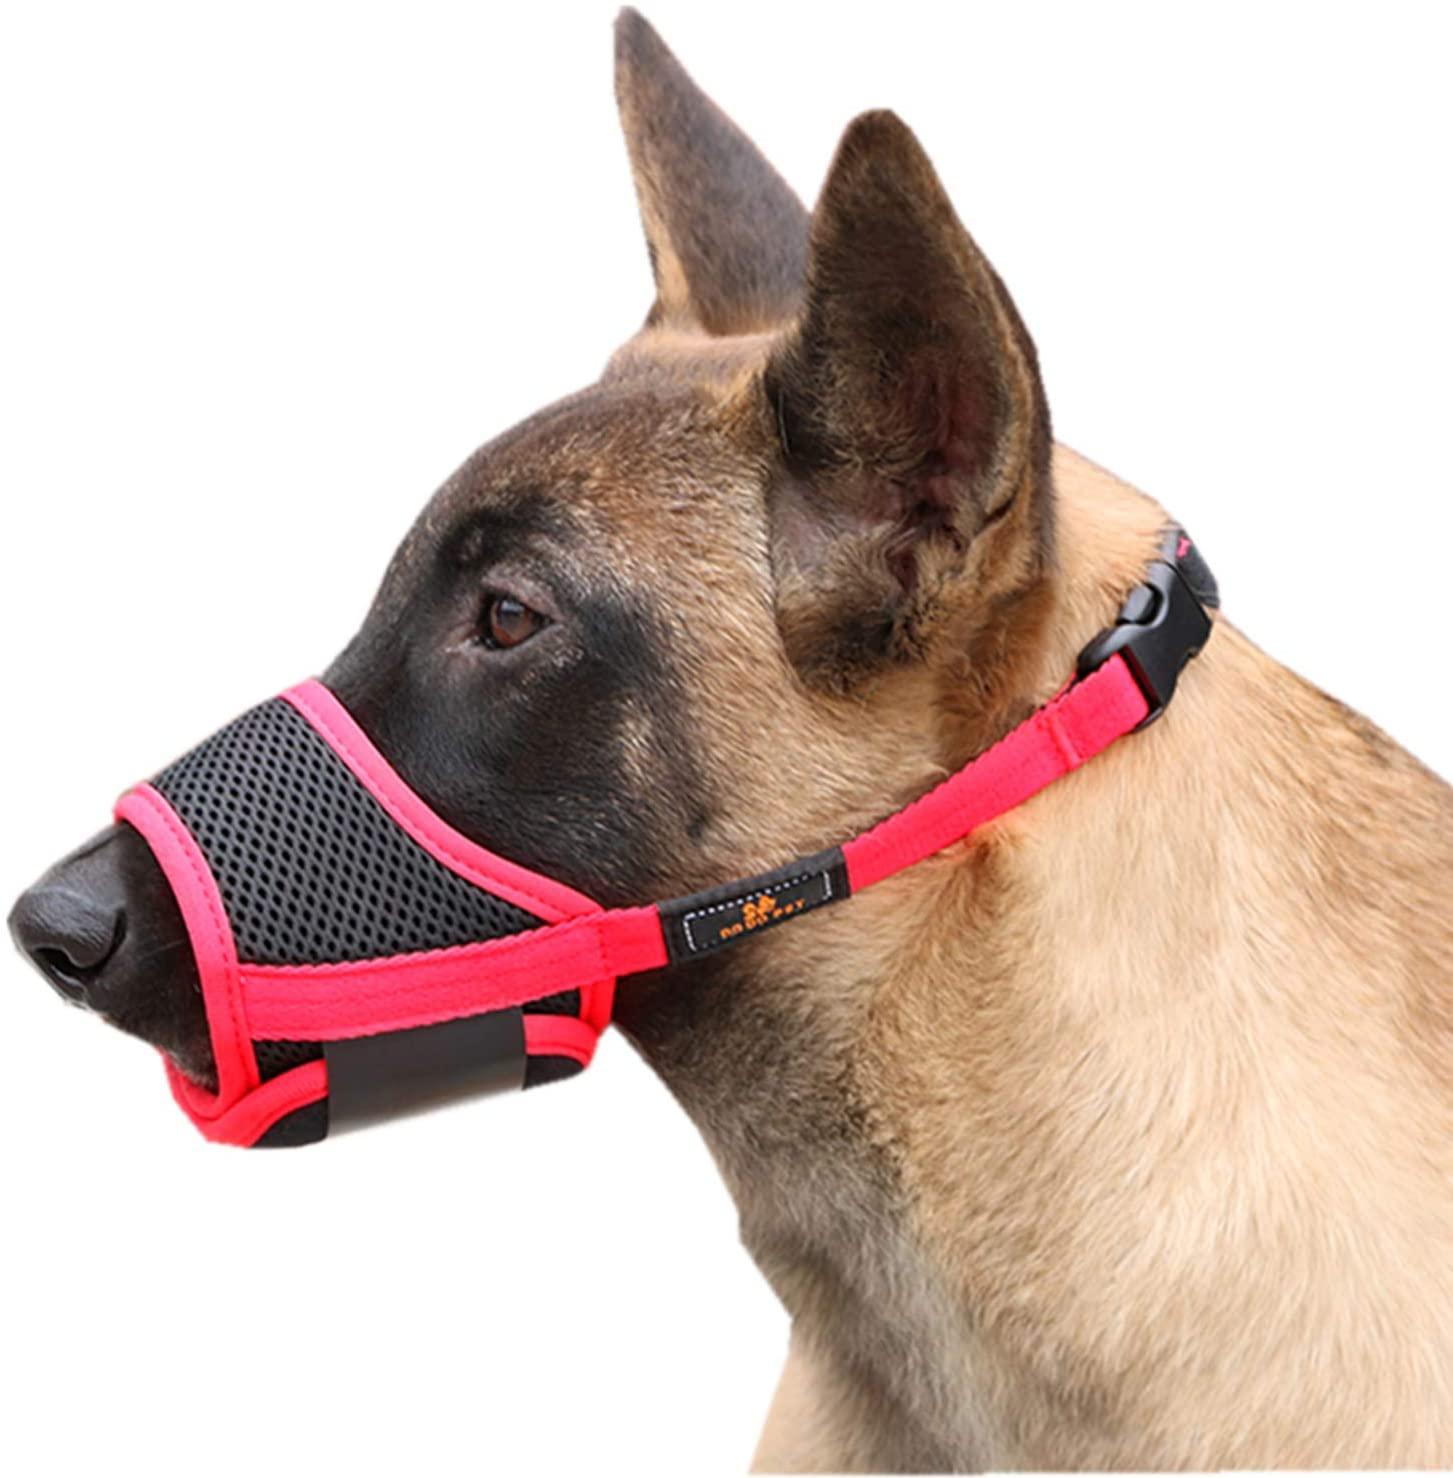 Cilkus Dog Muzzle Nylon Mesh Adjustable Breathable Soft Dog Muzzle, Anti-bite, Anti-Barking, Anti-Chaos, Pet Anti-Barking Muzzle, 4 Sizes for Large, Medium and Small Dogs